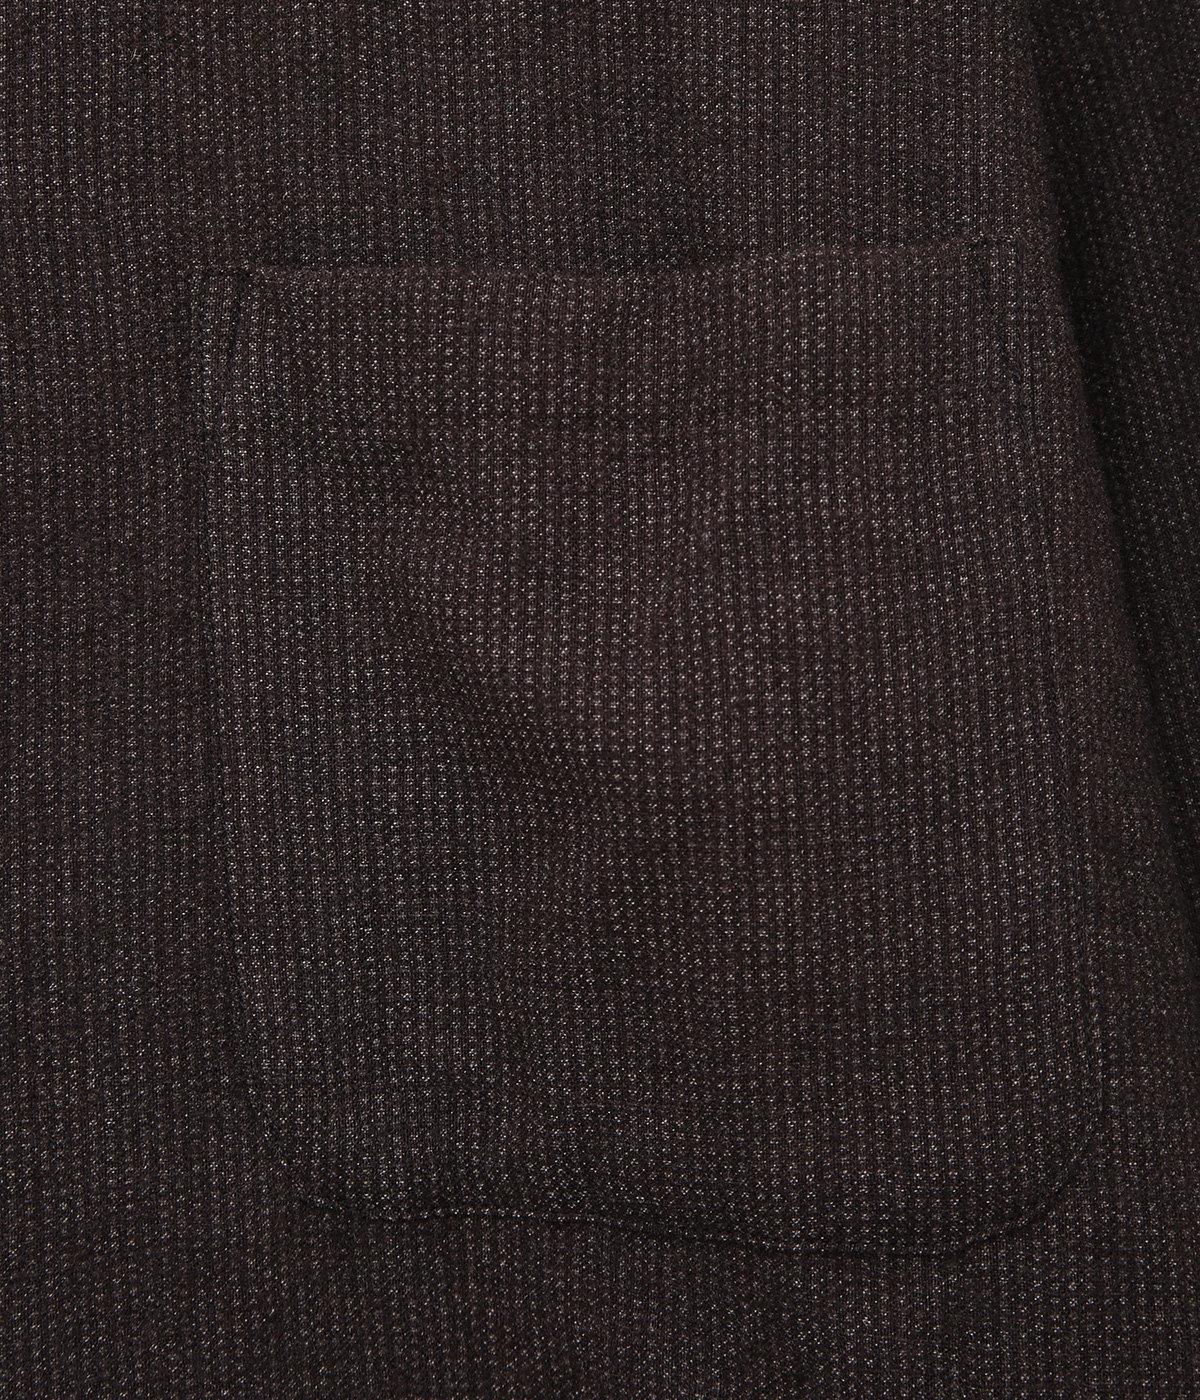 縮絨 ウールオープンカラーシャツ